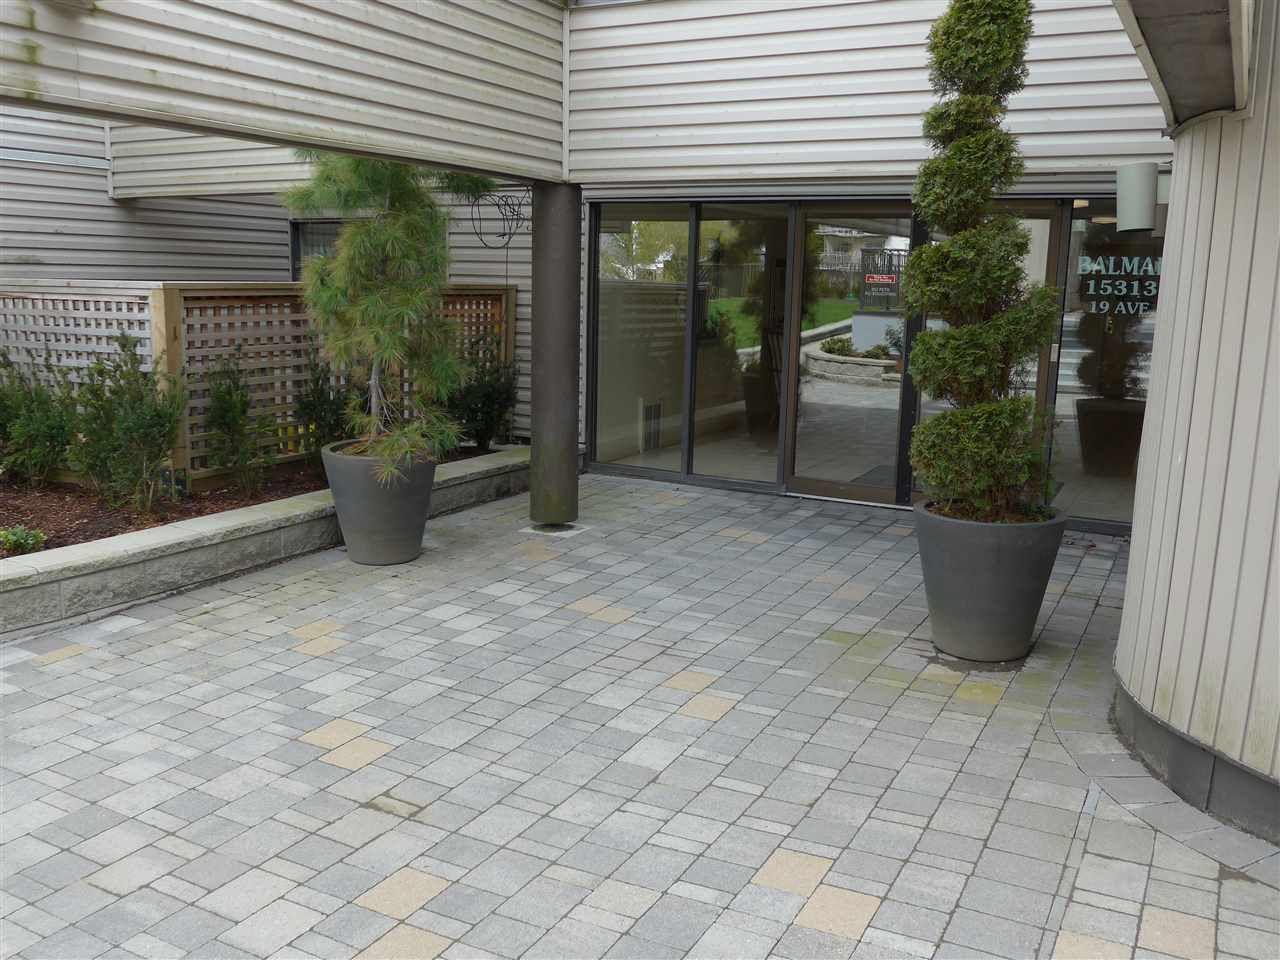 """Main Photo: 208 15313 19 Avenue in Surrey: King George Corridor Condo for sale in """"Village Terrece"""" (South Surrey White Rock)  : MLS®# R2258565"""